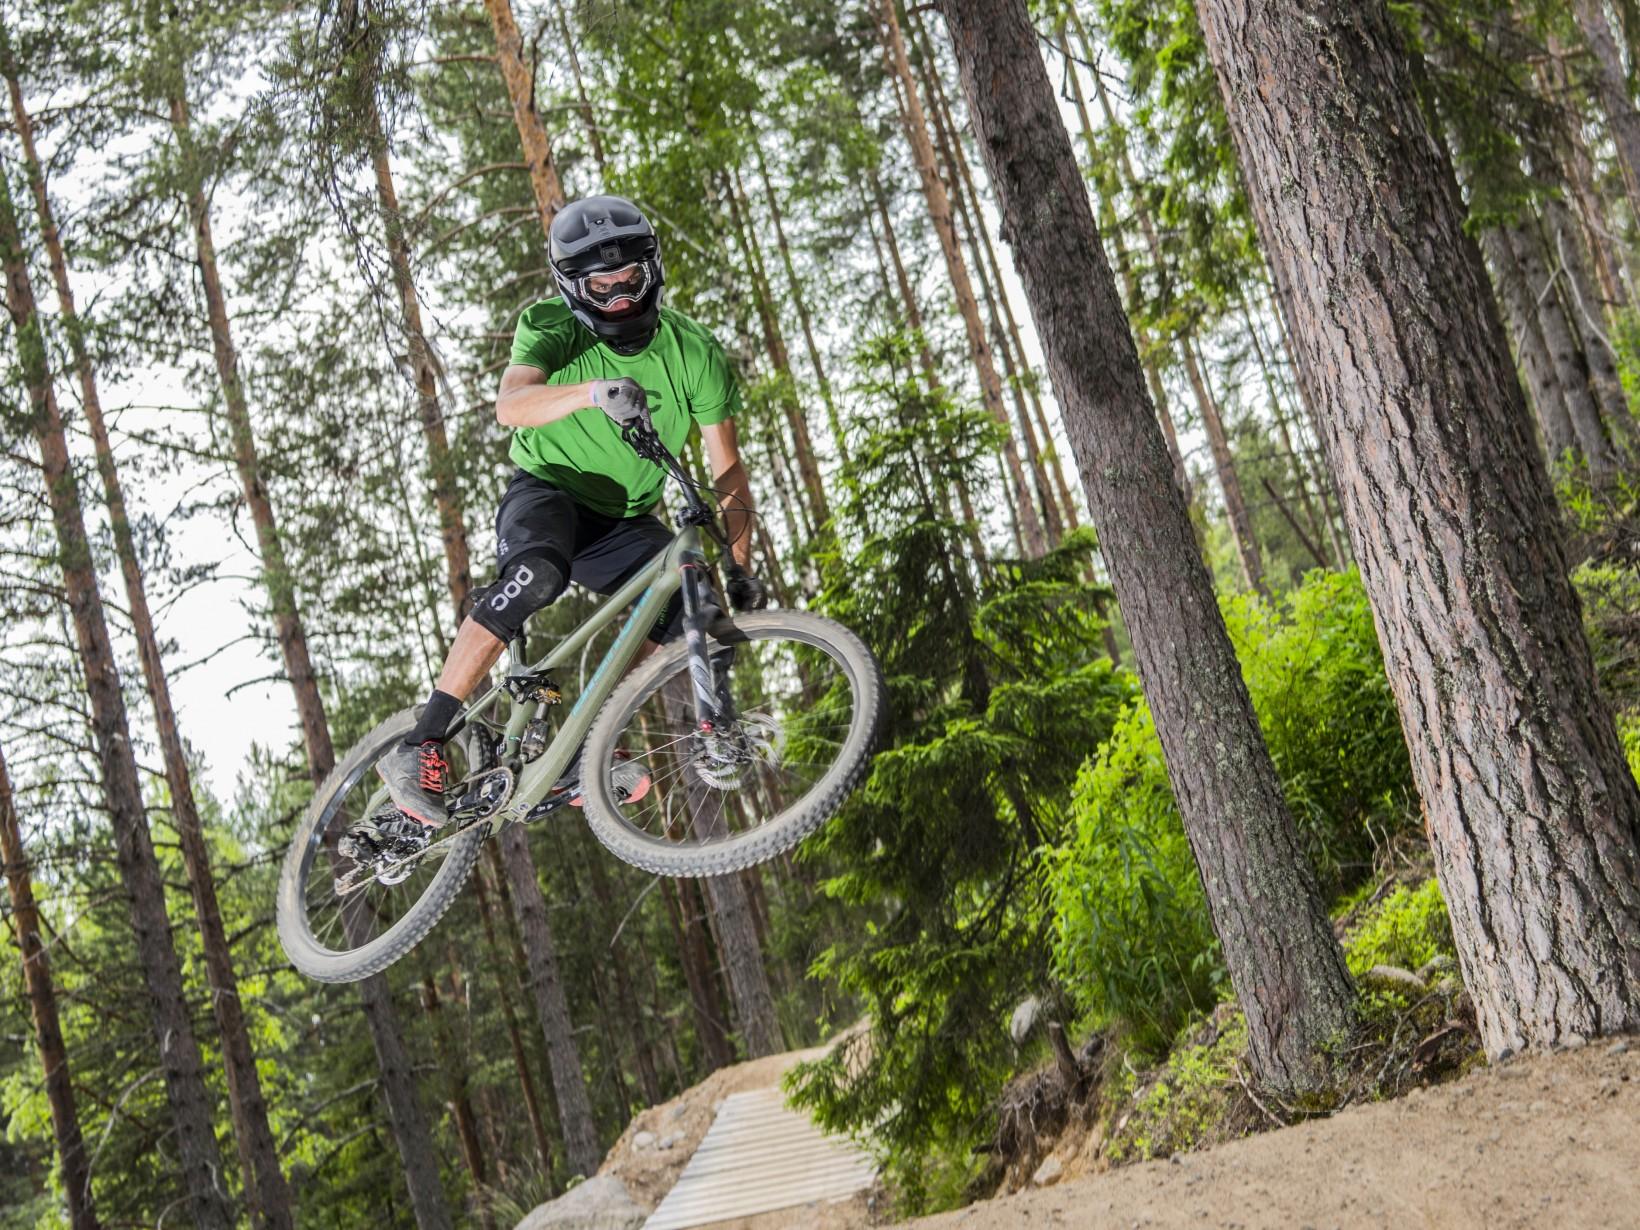 JAN_6641_Jesper_Andersson